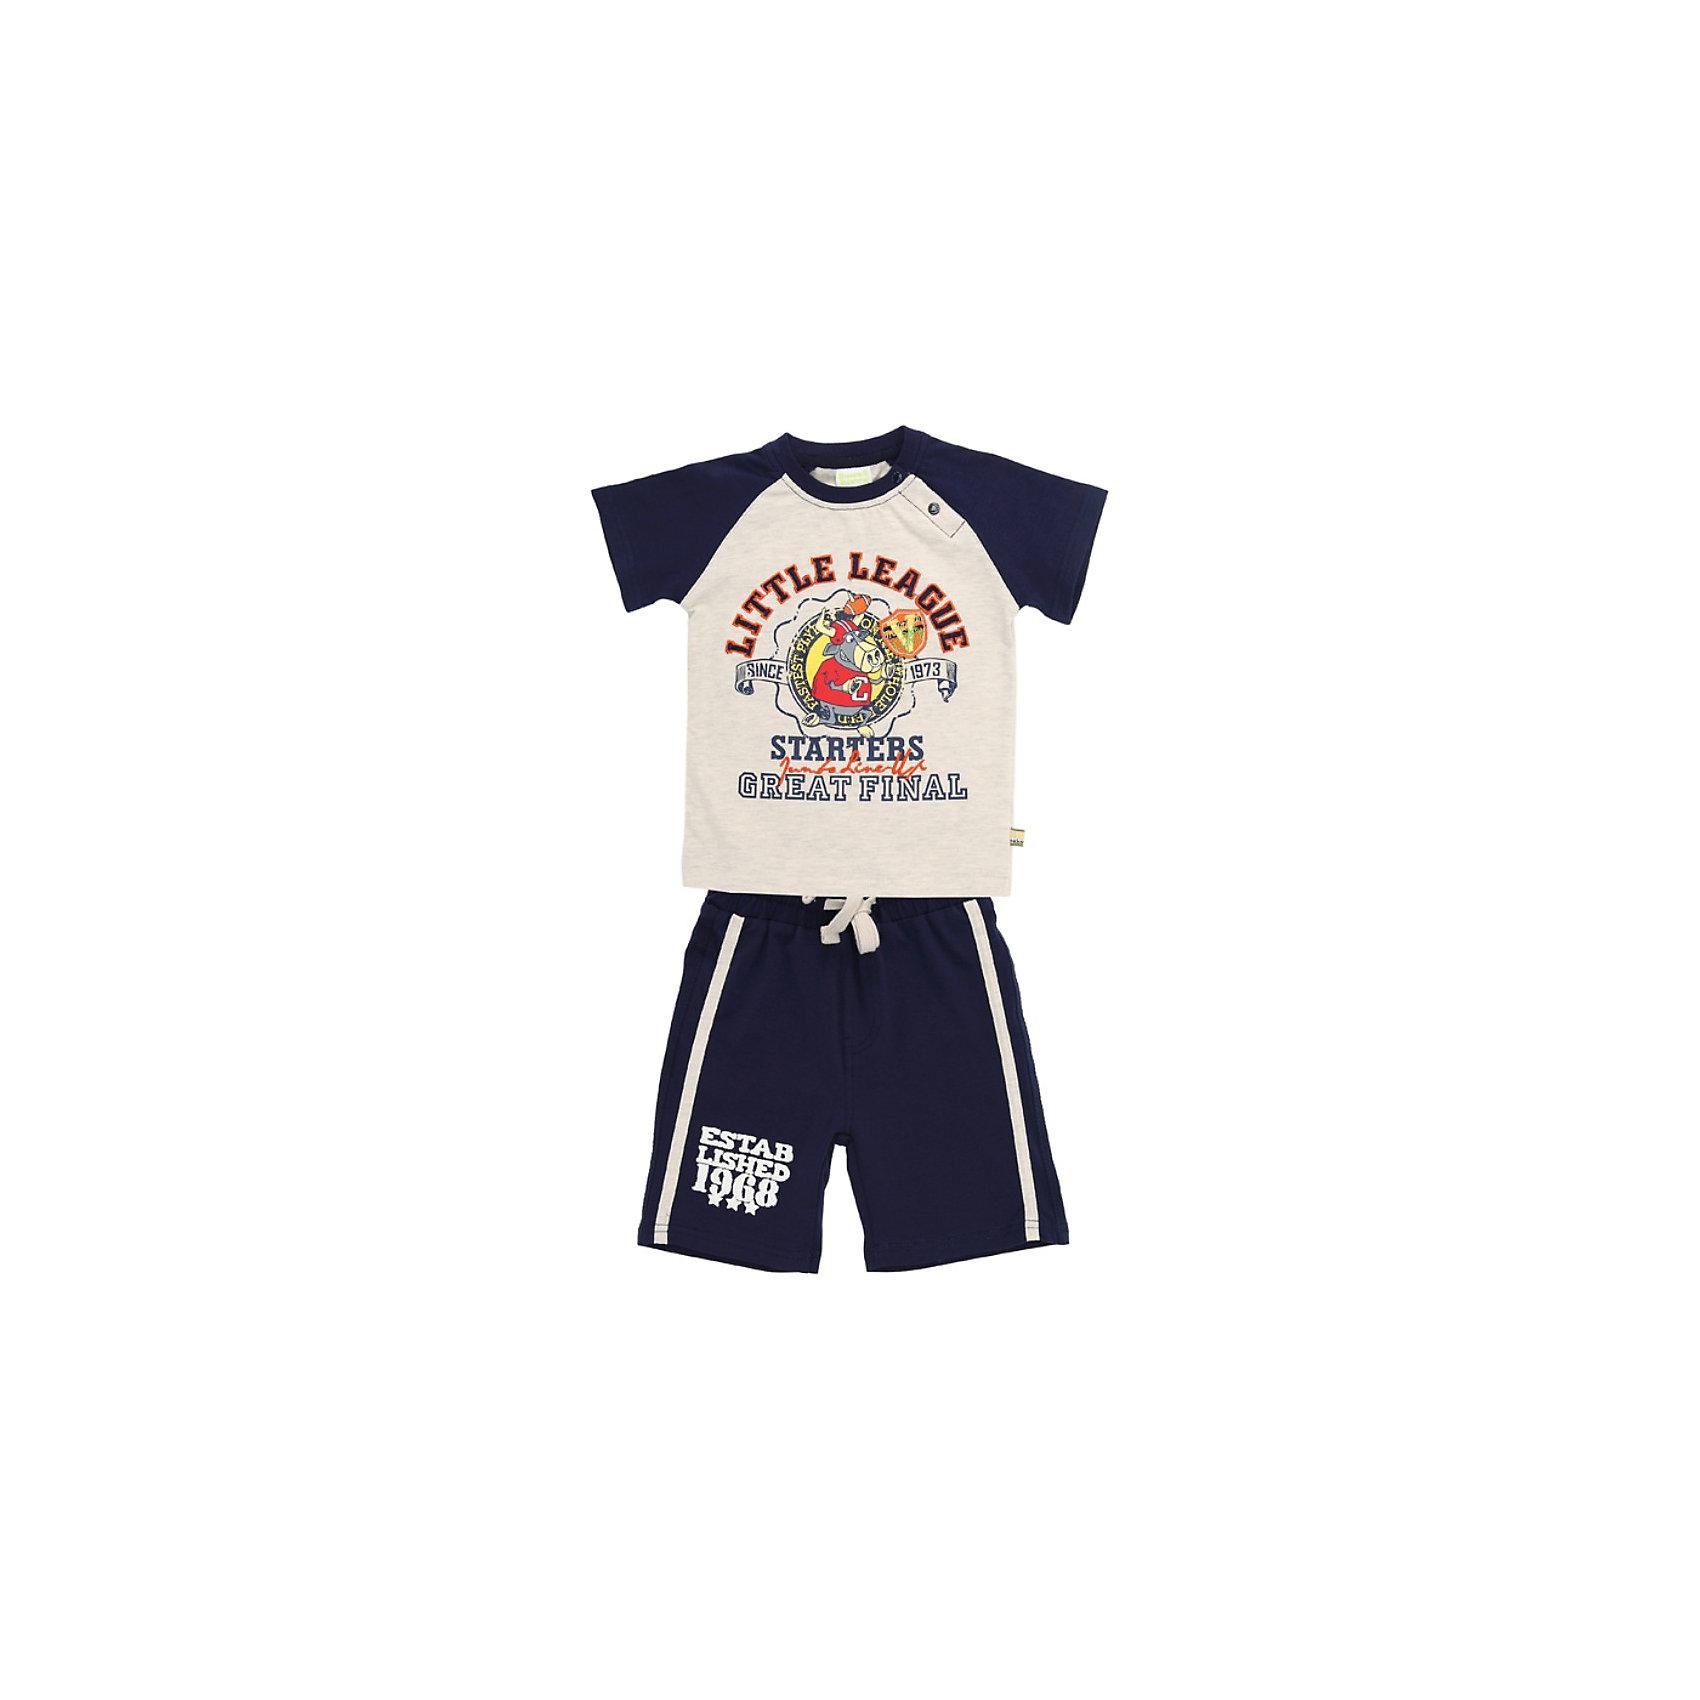 Комплект: футболка и шорты для мальчика Sweet BerryКомплект: футболка и шорты для мальчика от известного бренда Sweet Berry (Свит Берри).<br>Летний комплект из двух предметов.<br>Футболка с рукавами реглан.<br>Оригинальный спортивный принт дополнен аппликацией и вышивкой.<br>Шорты декорированы принтом.<br>Состав: хлопок 95%, эластан 5%<br><br>Комплект: Футболку и шорты для мальчика Sweet Berry (Свит Берри) можно купить в нашем магазине.<br><br>Ширина мм: 199<br>Глубина мм: 10<br>Высота мм: 161<br>Вес г: 151<br>Цвет: белый/синий<br>Возраст от месяцев: 12<br>Возраст до месяцев: 12<br>Пол: Мужской<br>Возраст: Детский<br>Размер: 80,86<br>SKU: 3523638